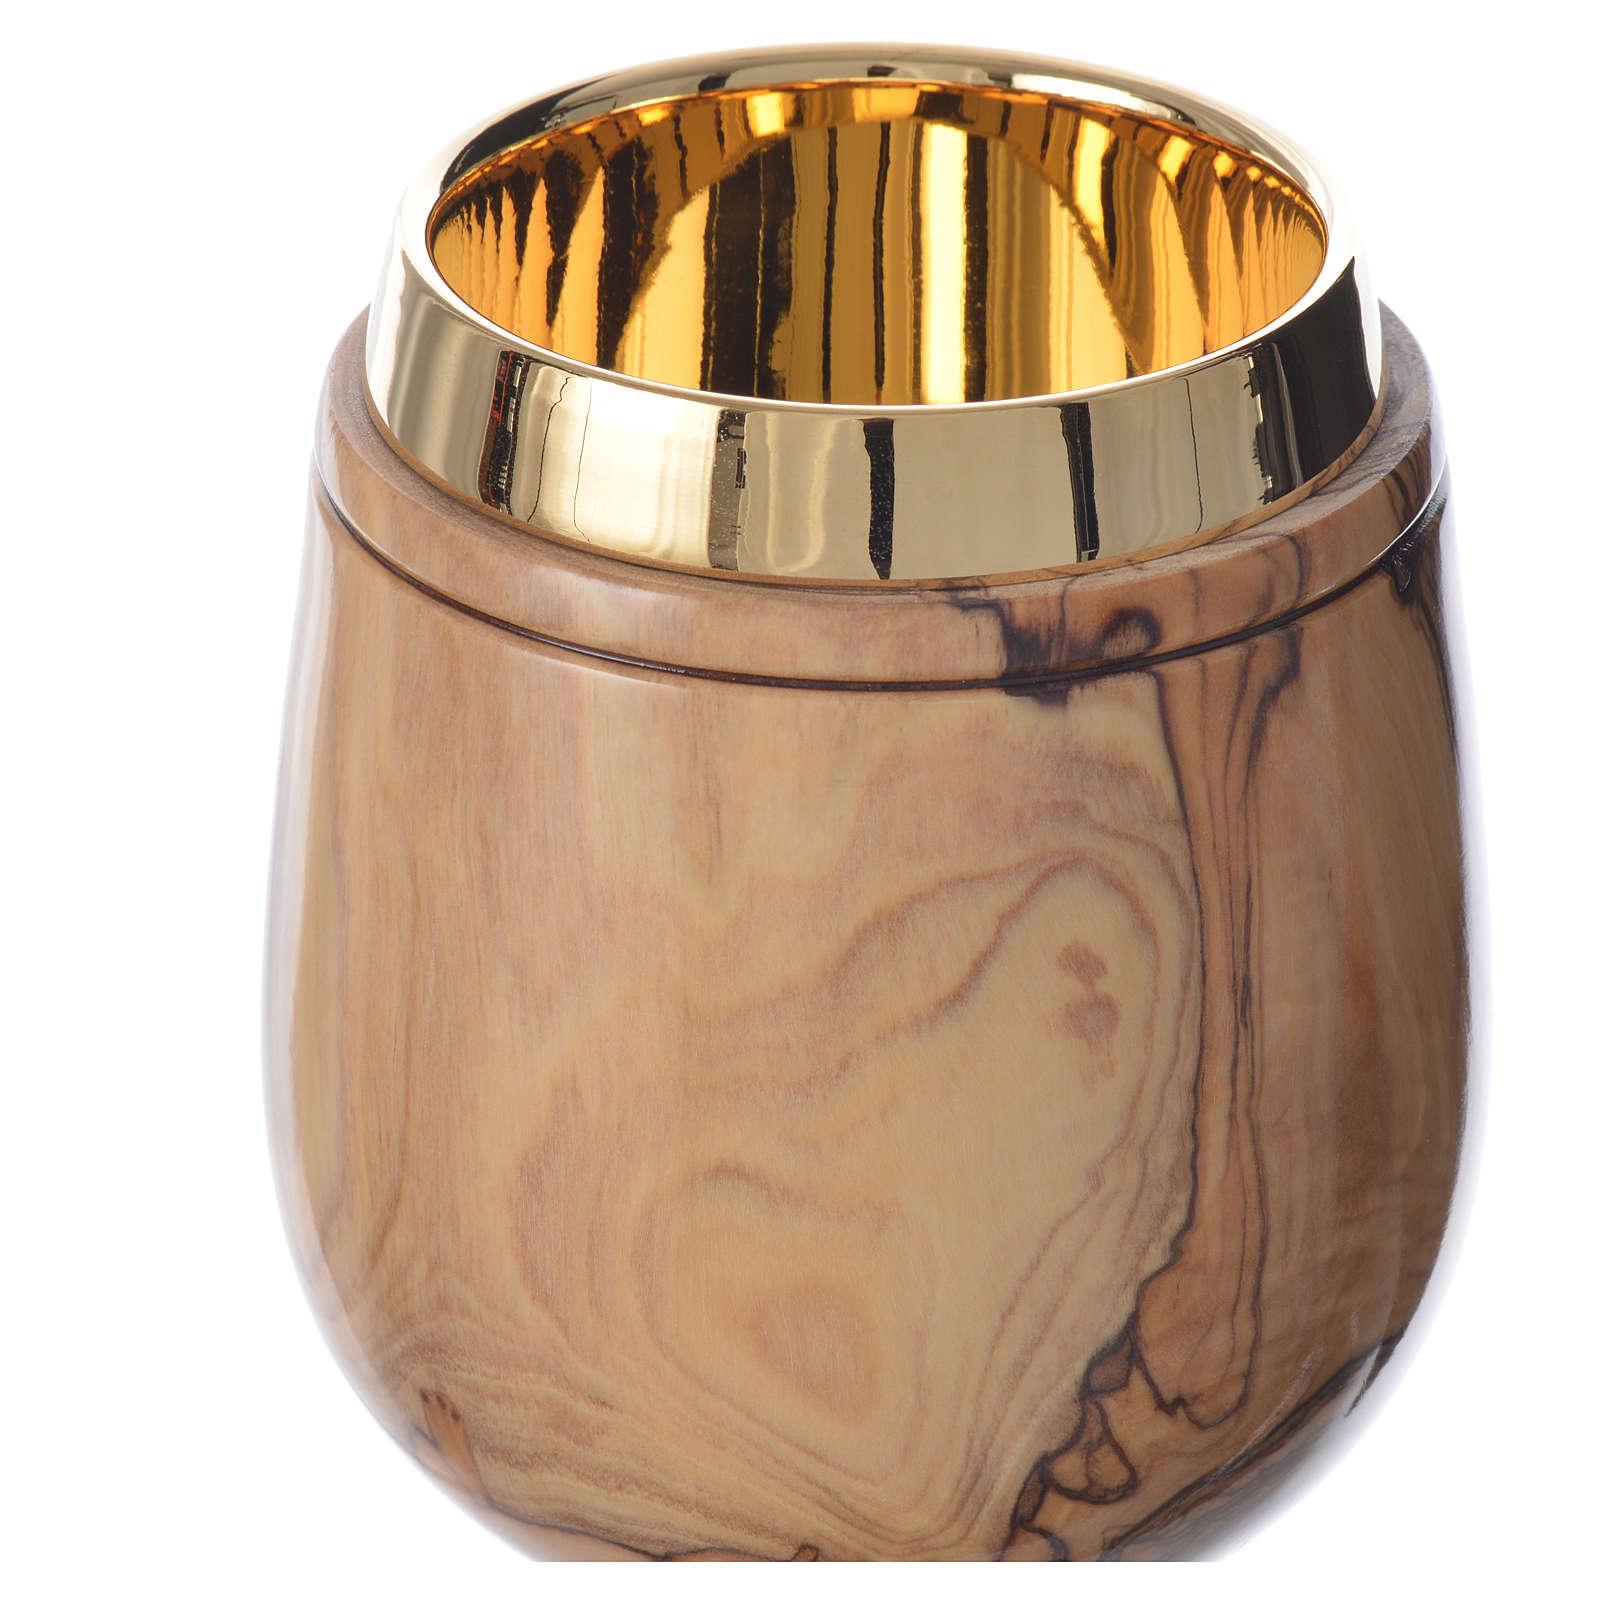 Kielich drewno oliwne z Ziemi Świętej h 21 cm 4